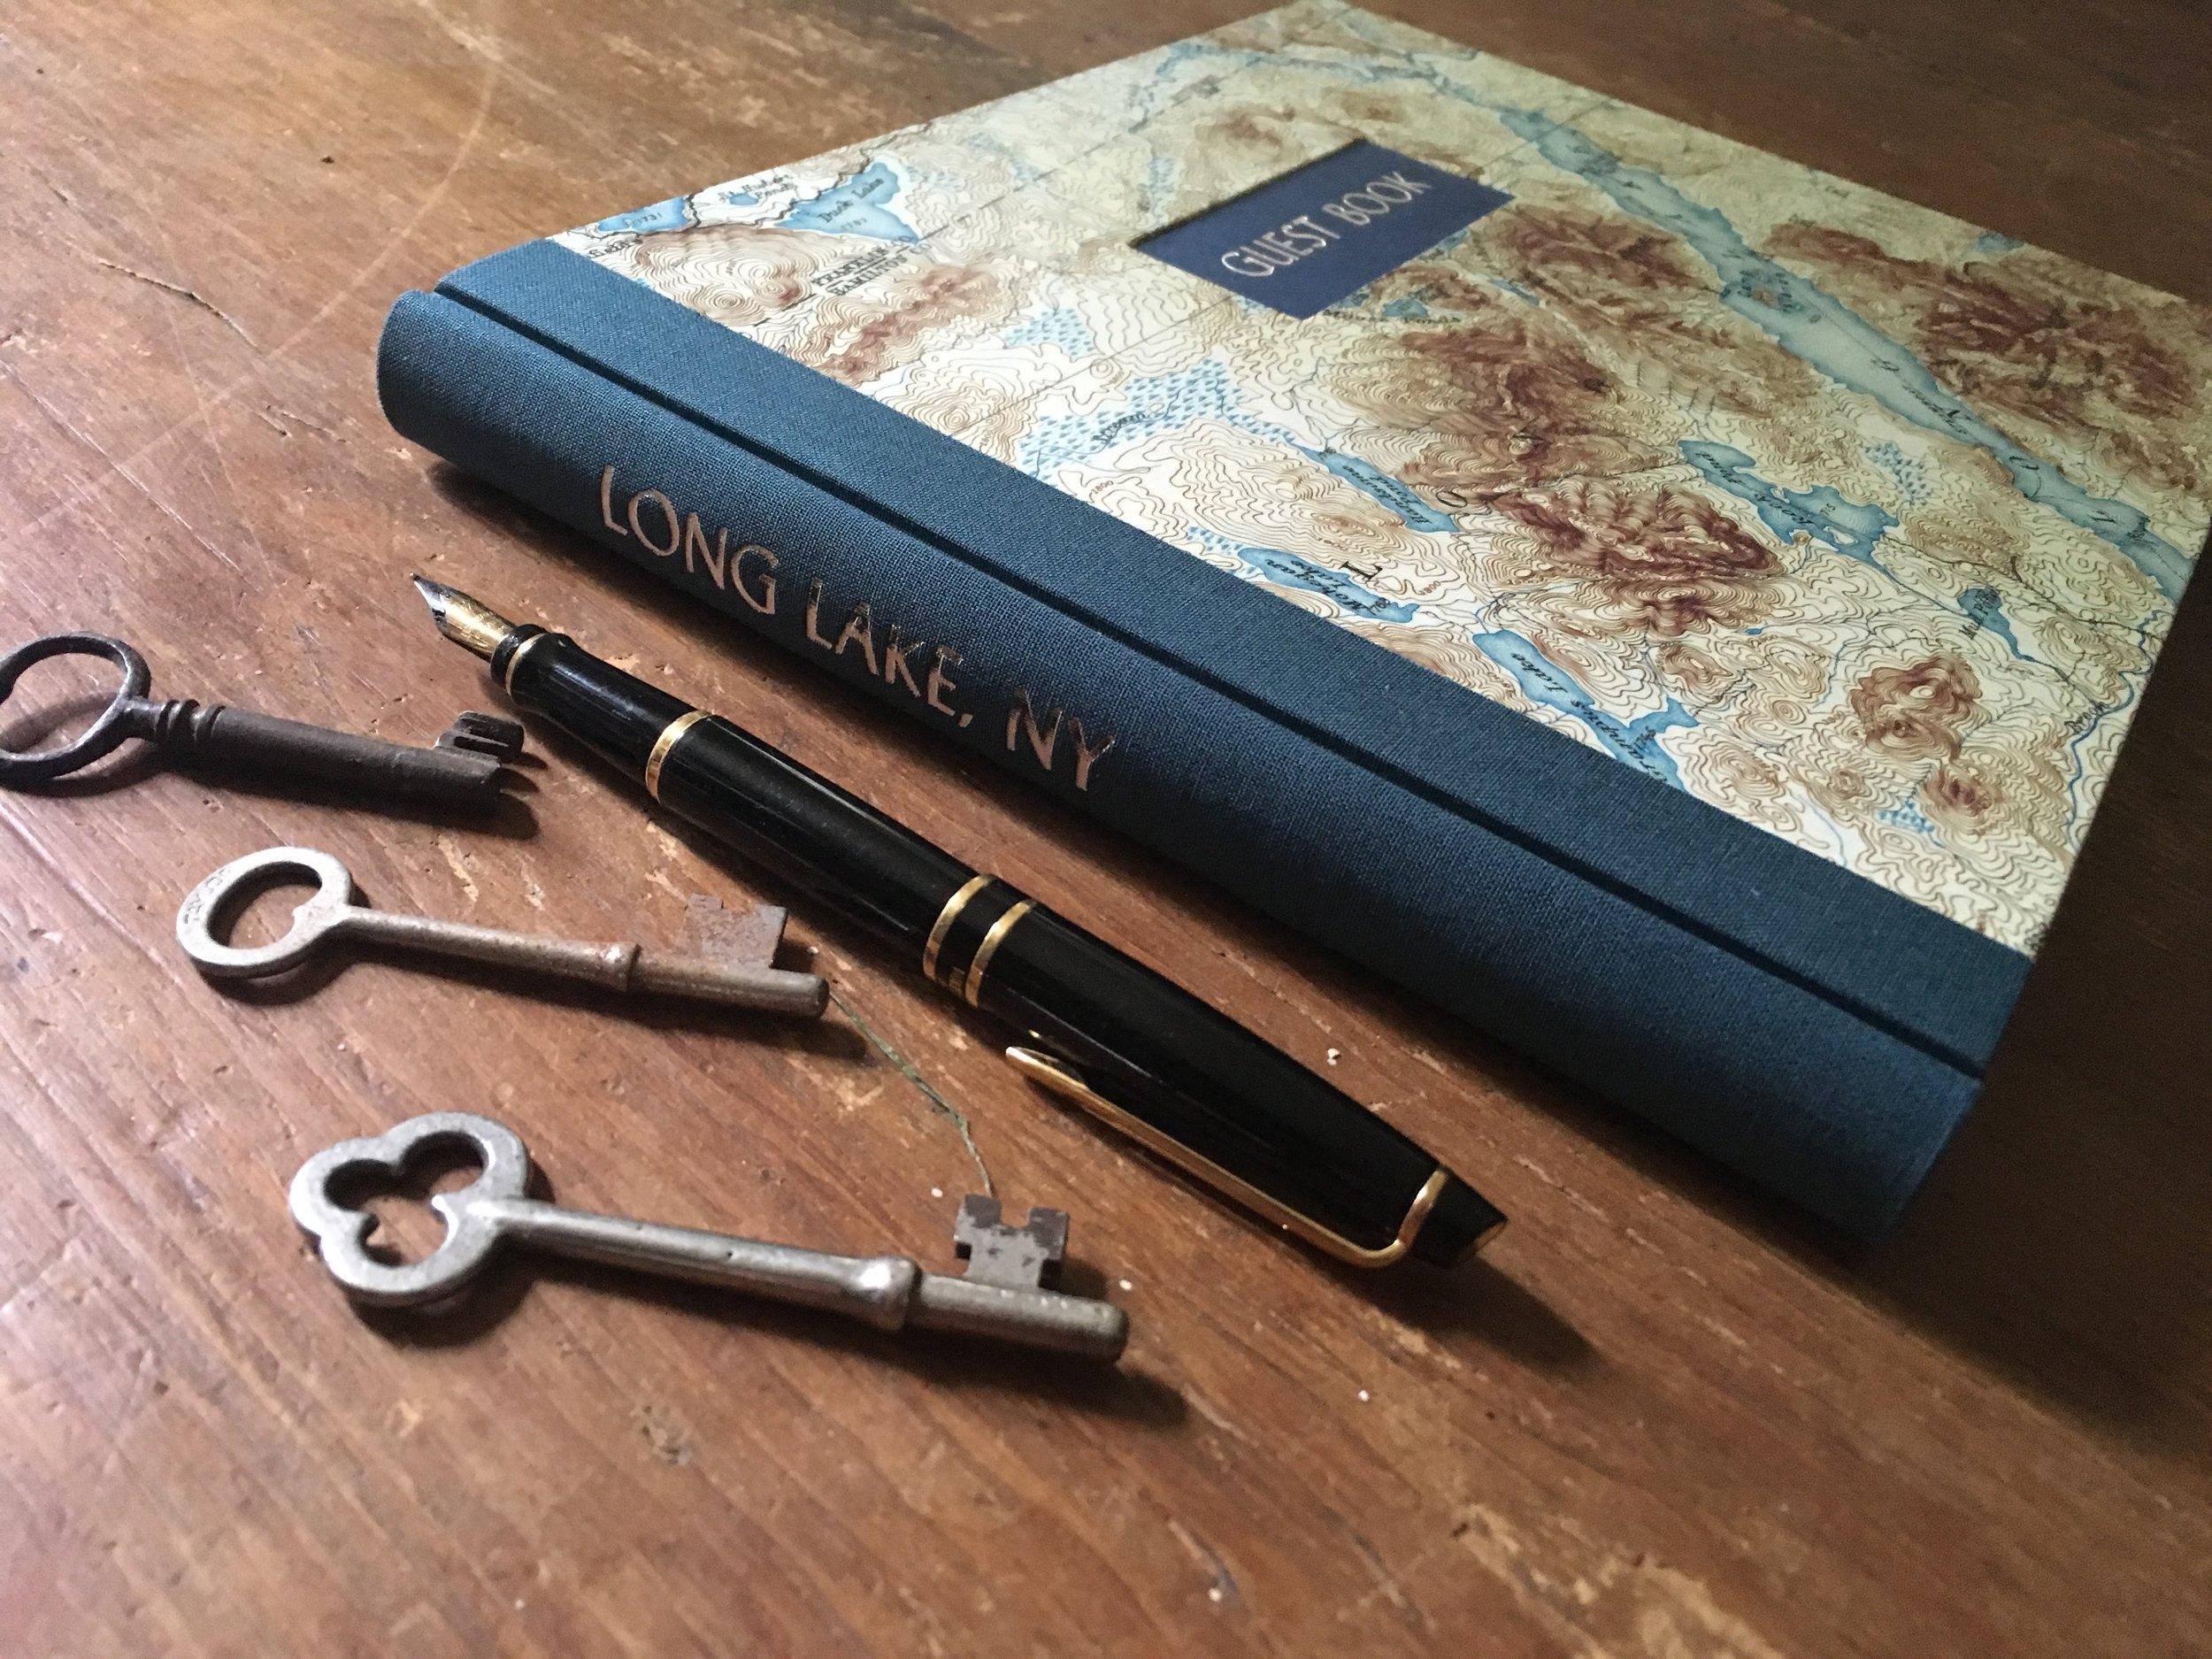 dski-large-guest-book-3.jpg